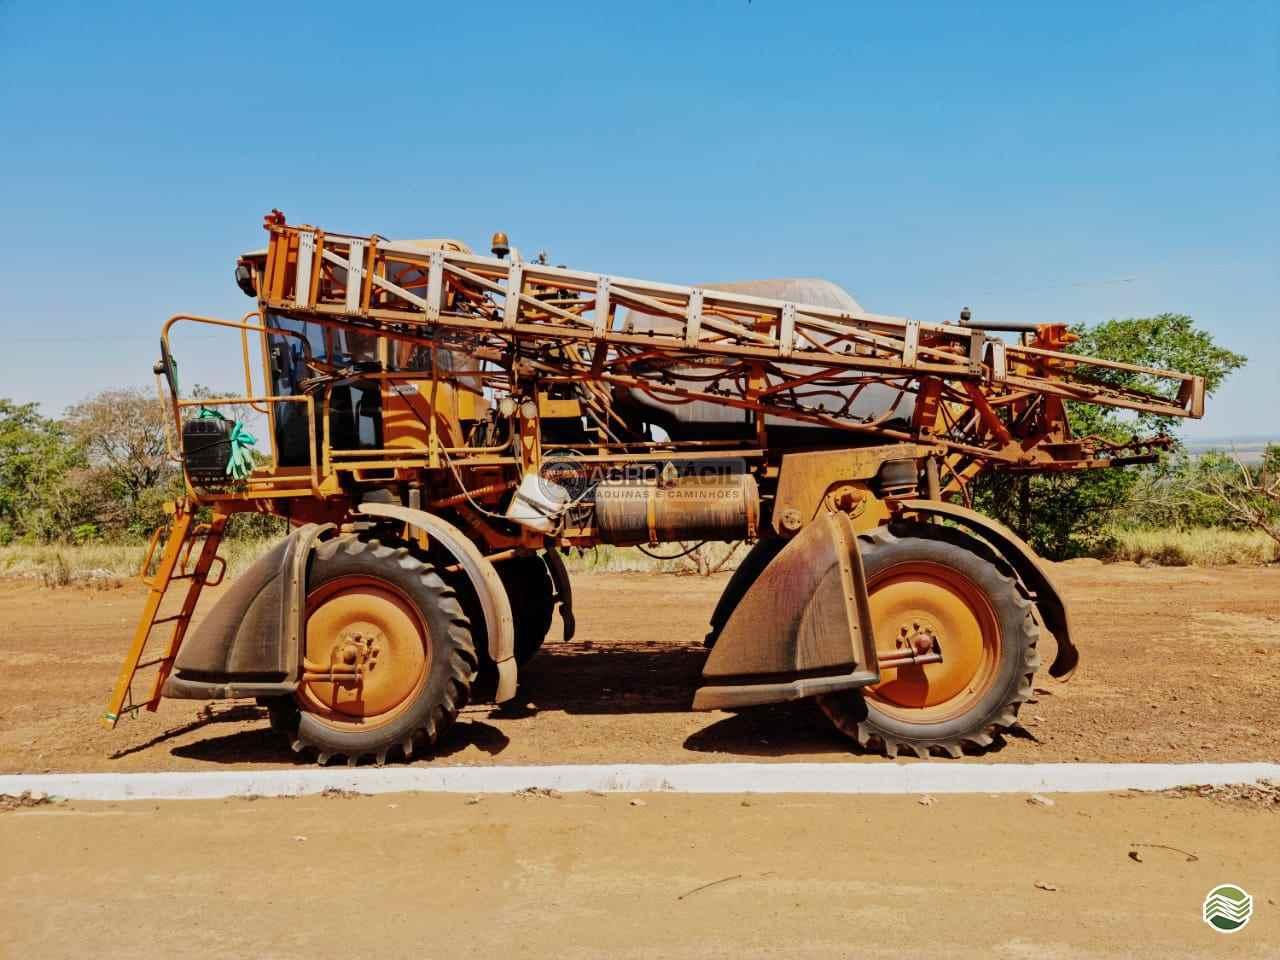 PULVERIZADOR JACTO UNIPORT 2500 STAR Tração 4x2 Agro Fácil Máquinas PRIMAVERA DO LESTE MATO GROSSO MT